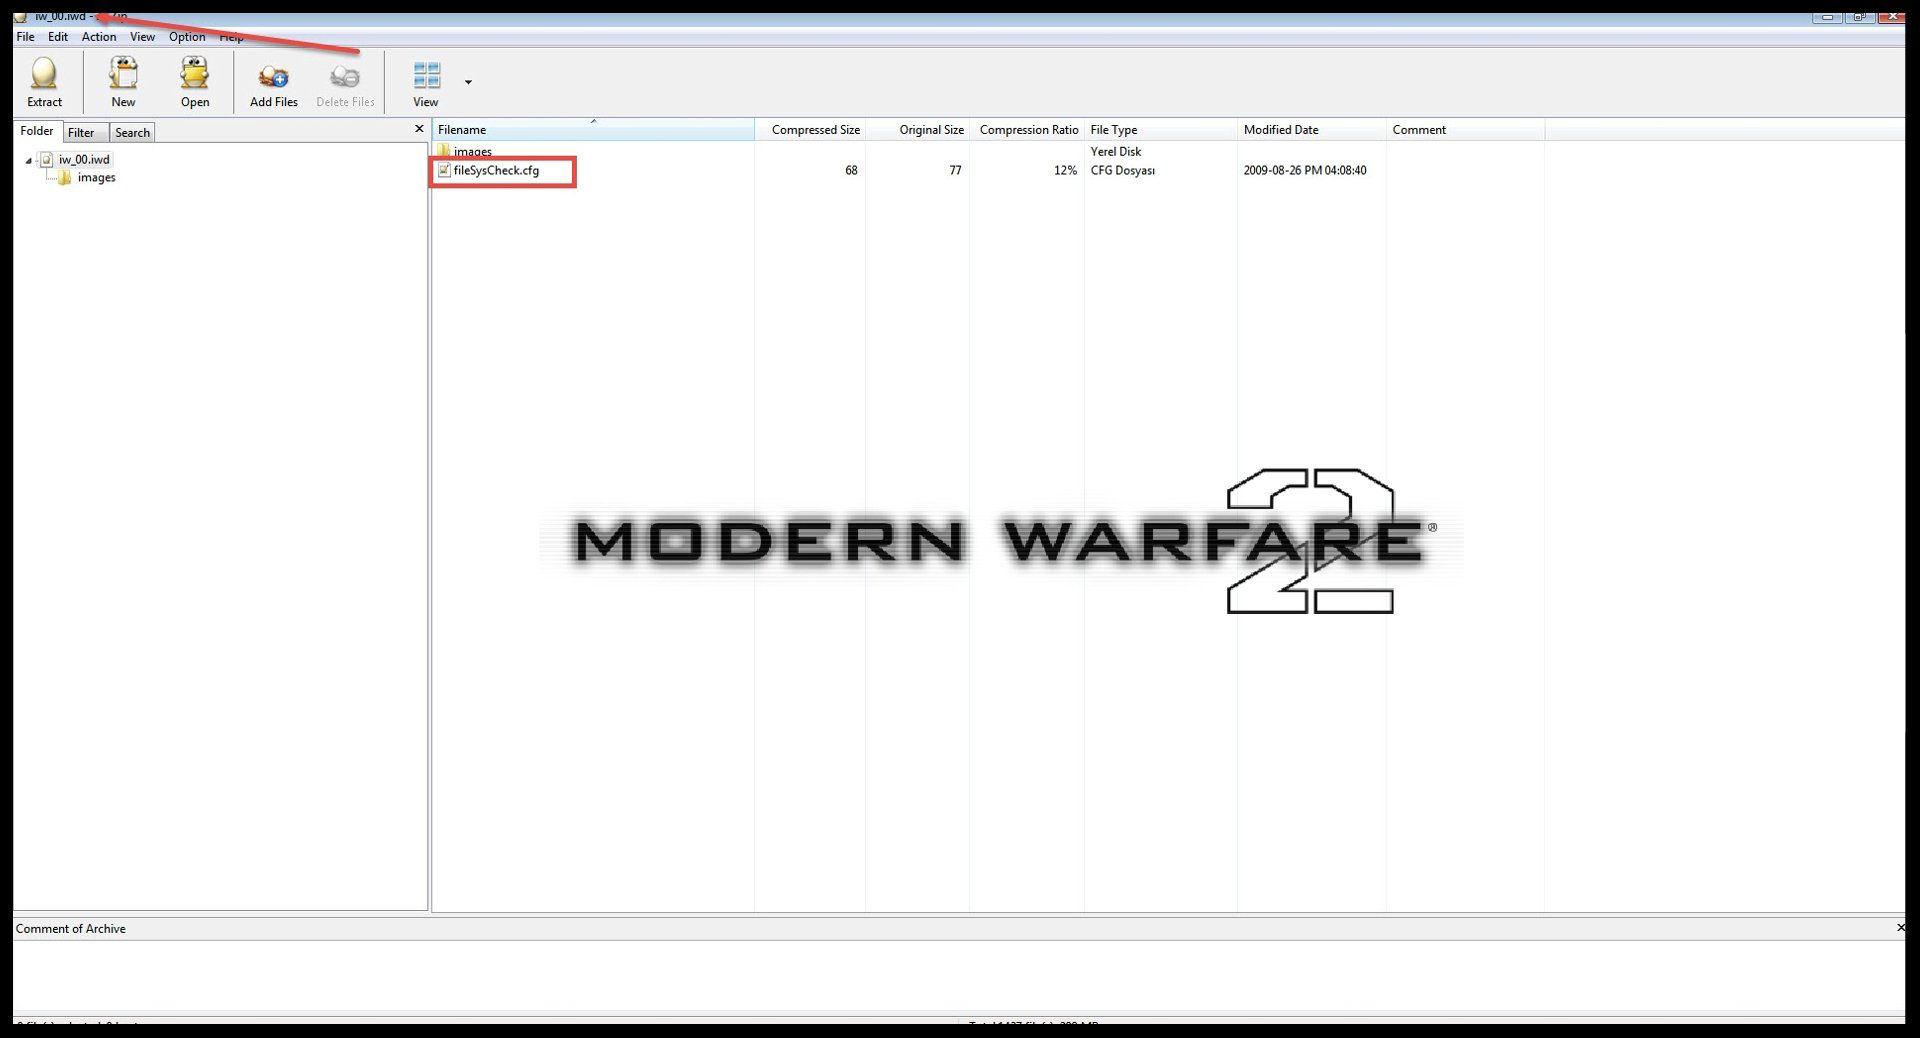 Modern Warfare 2 Couldn't Load fileSysCheck.cfg Hatası